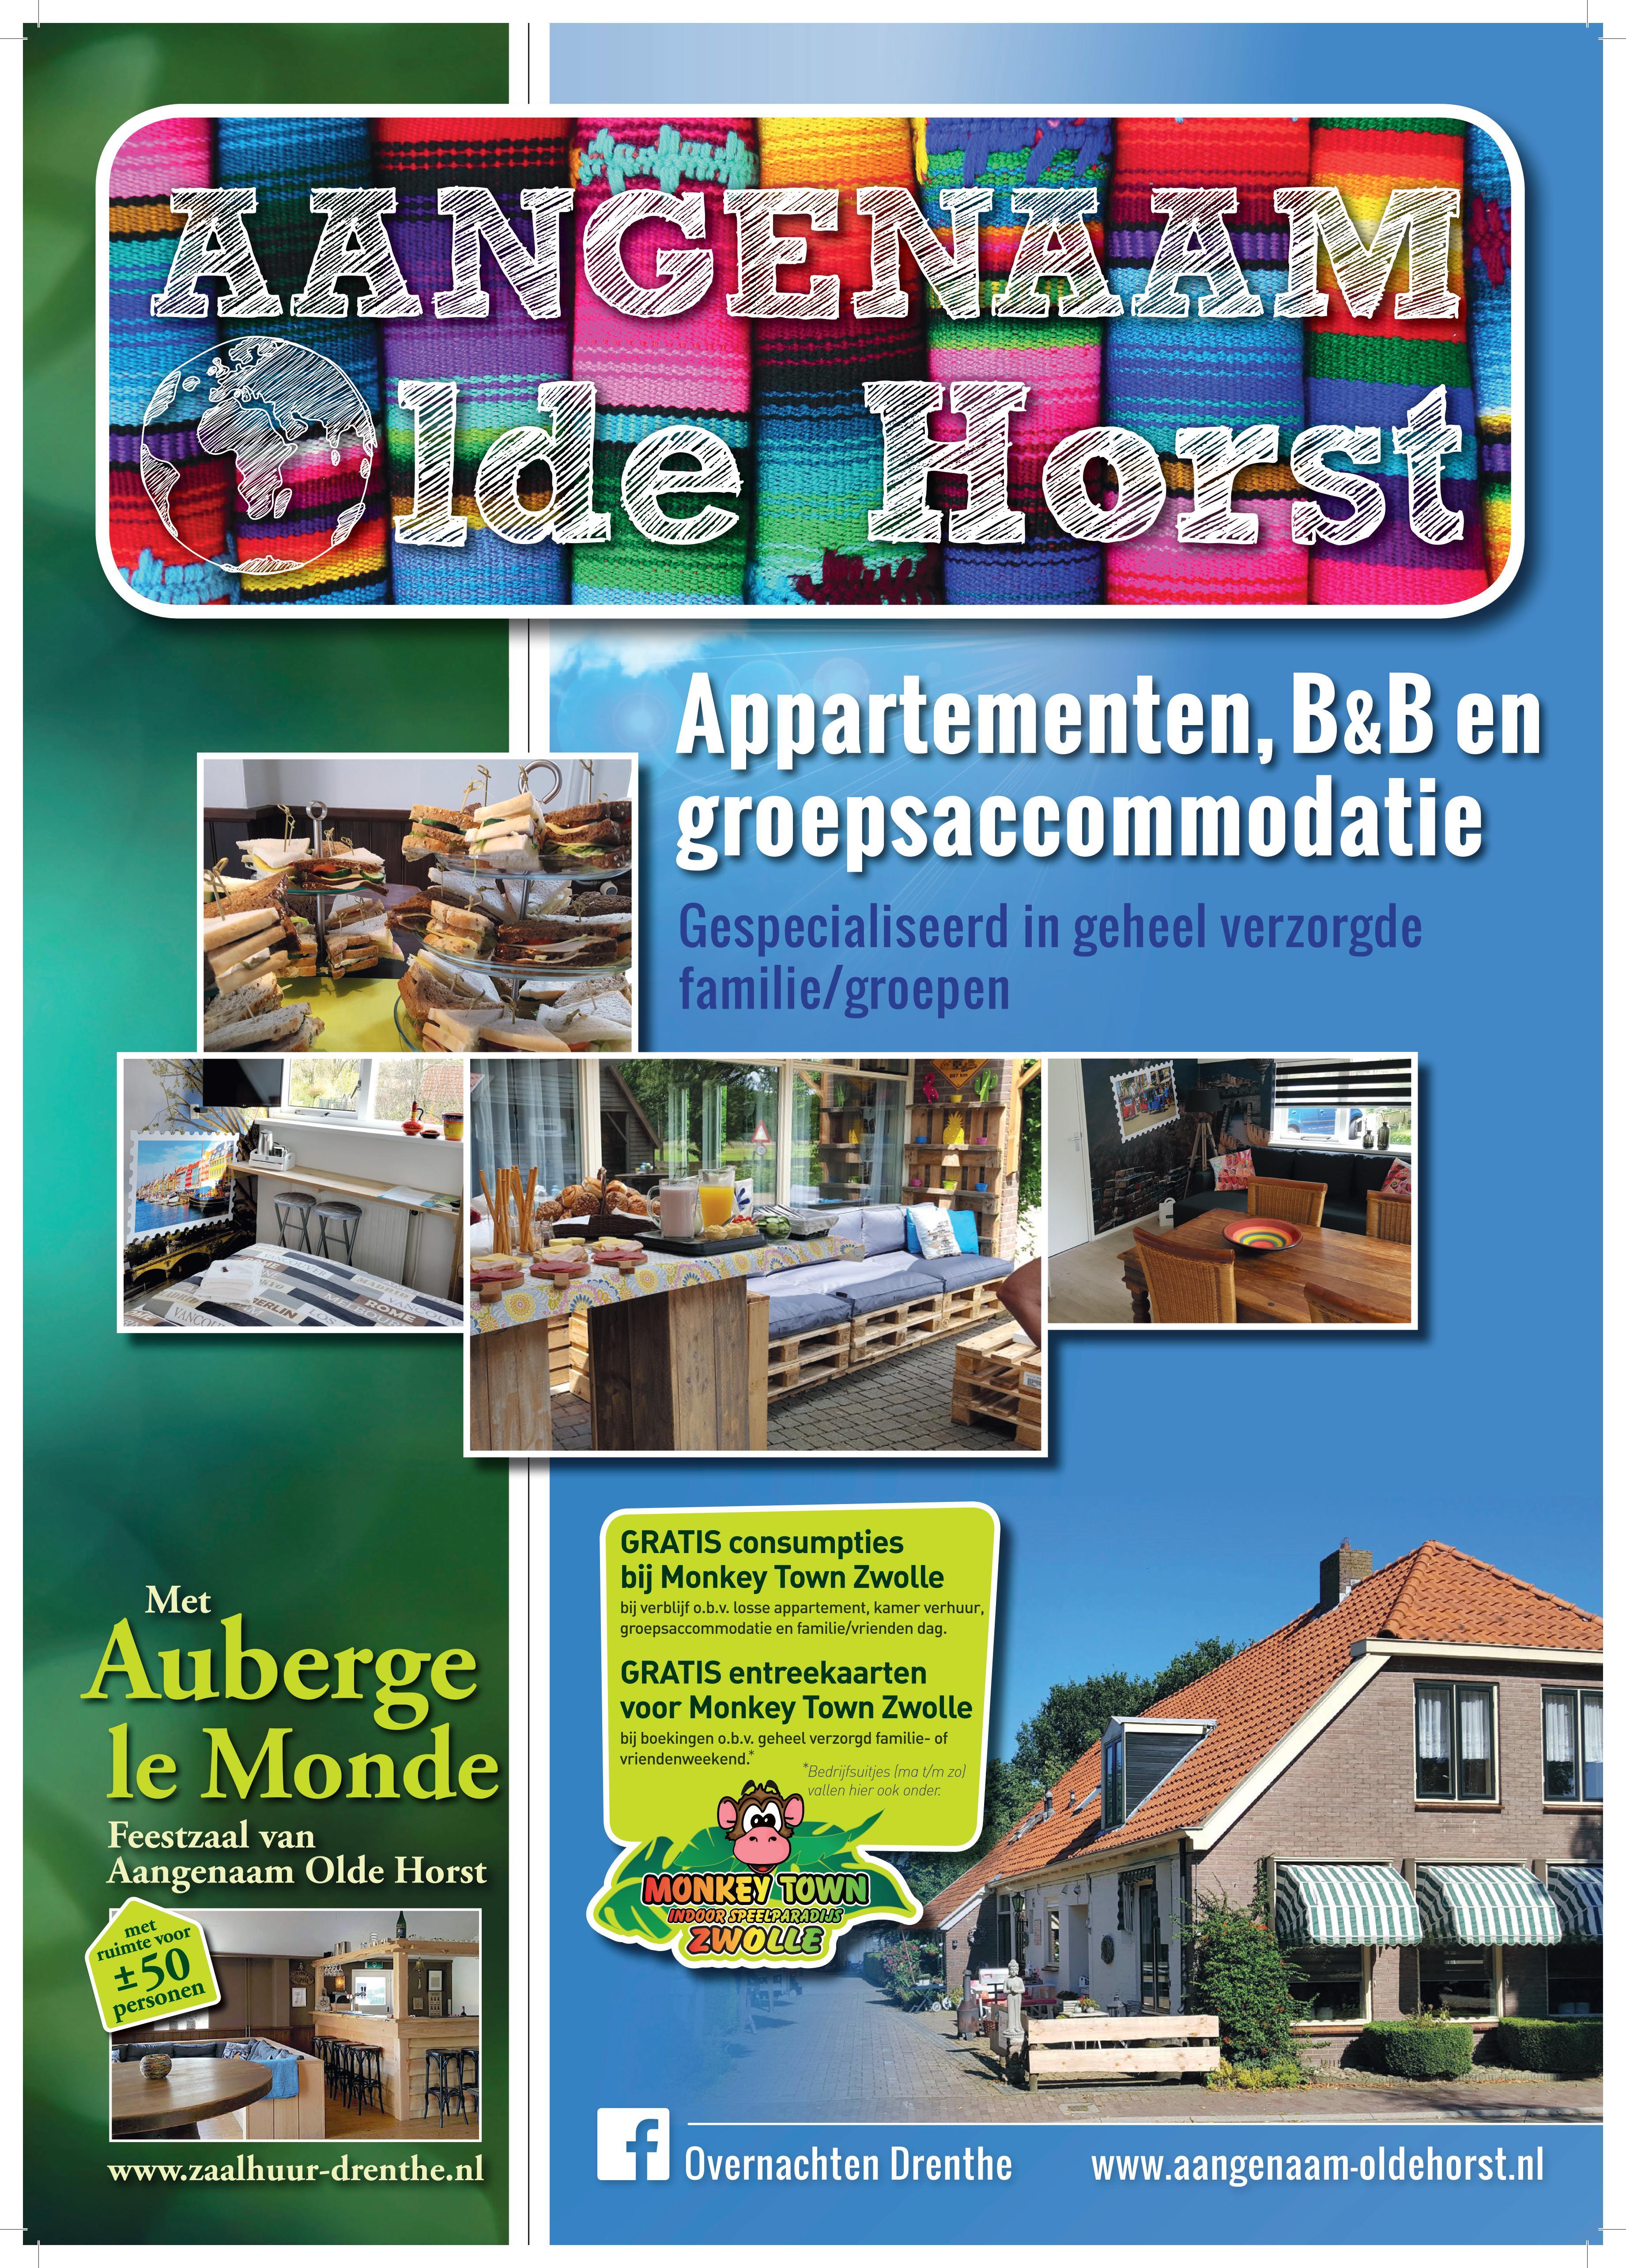 Aangenaam - Olde Horst en Monkey Town Zwolle combi